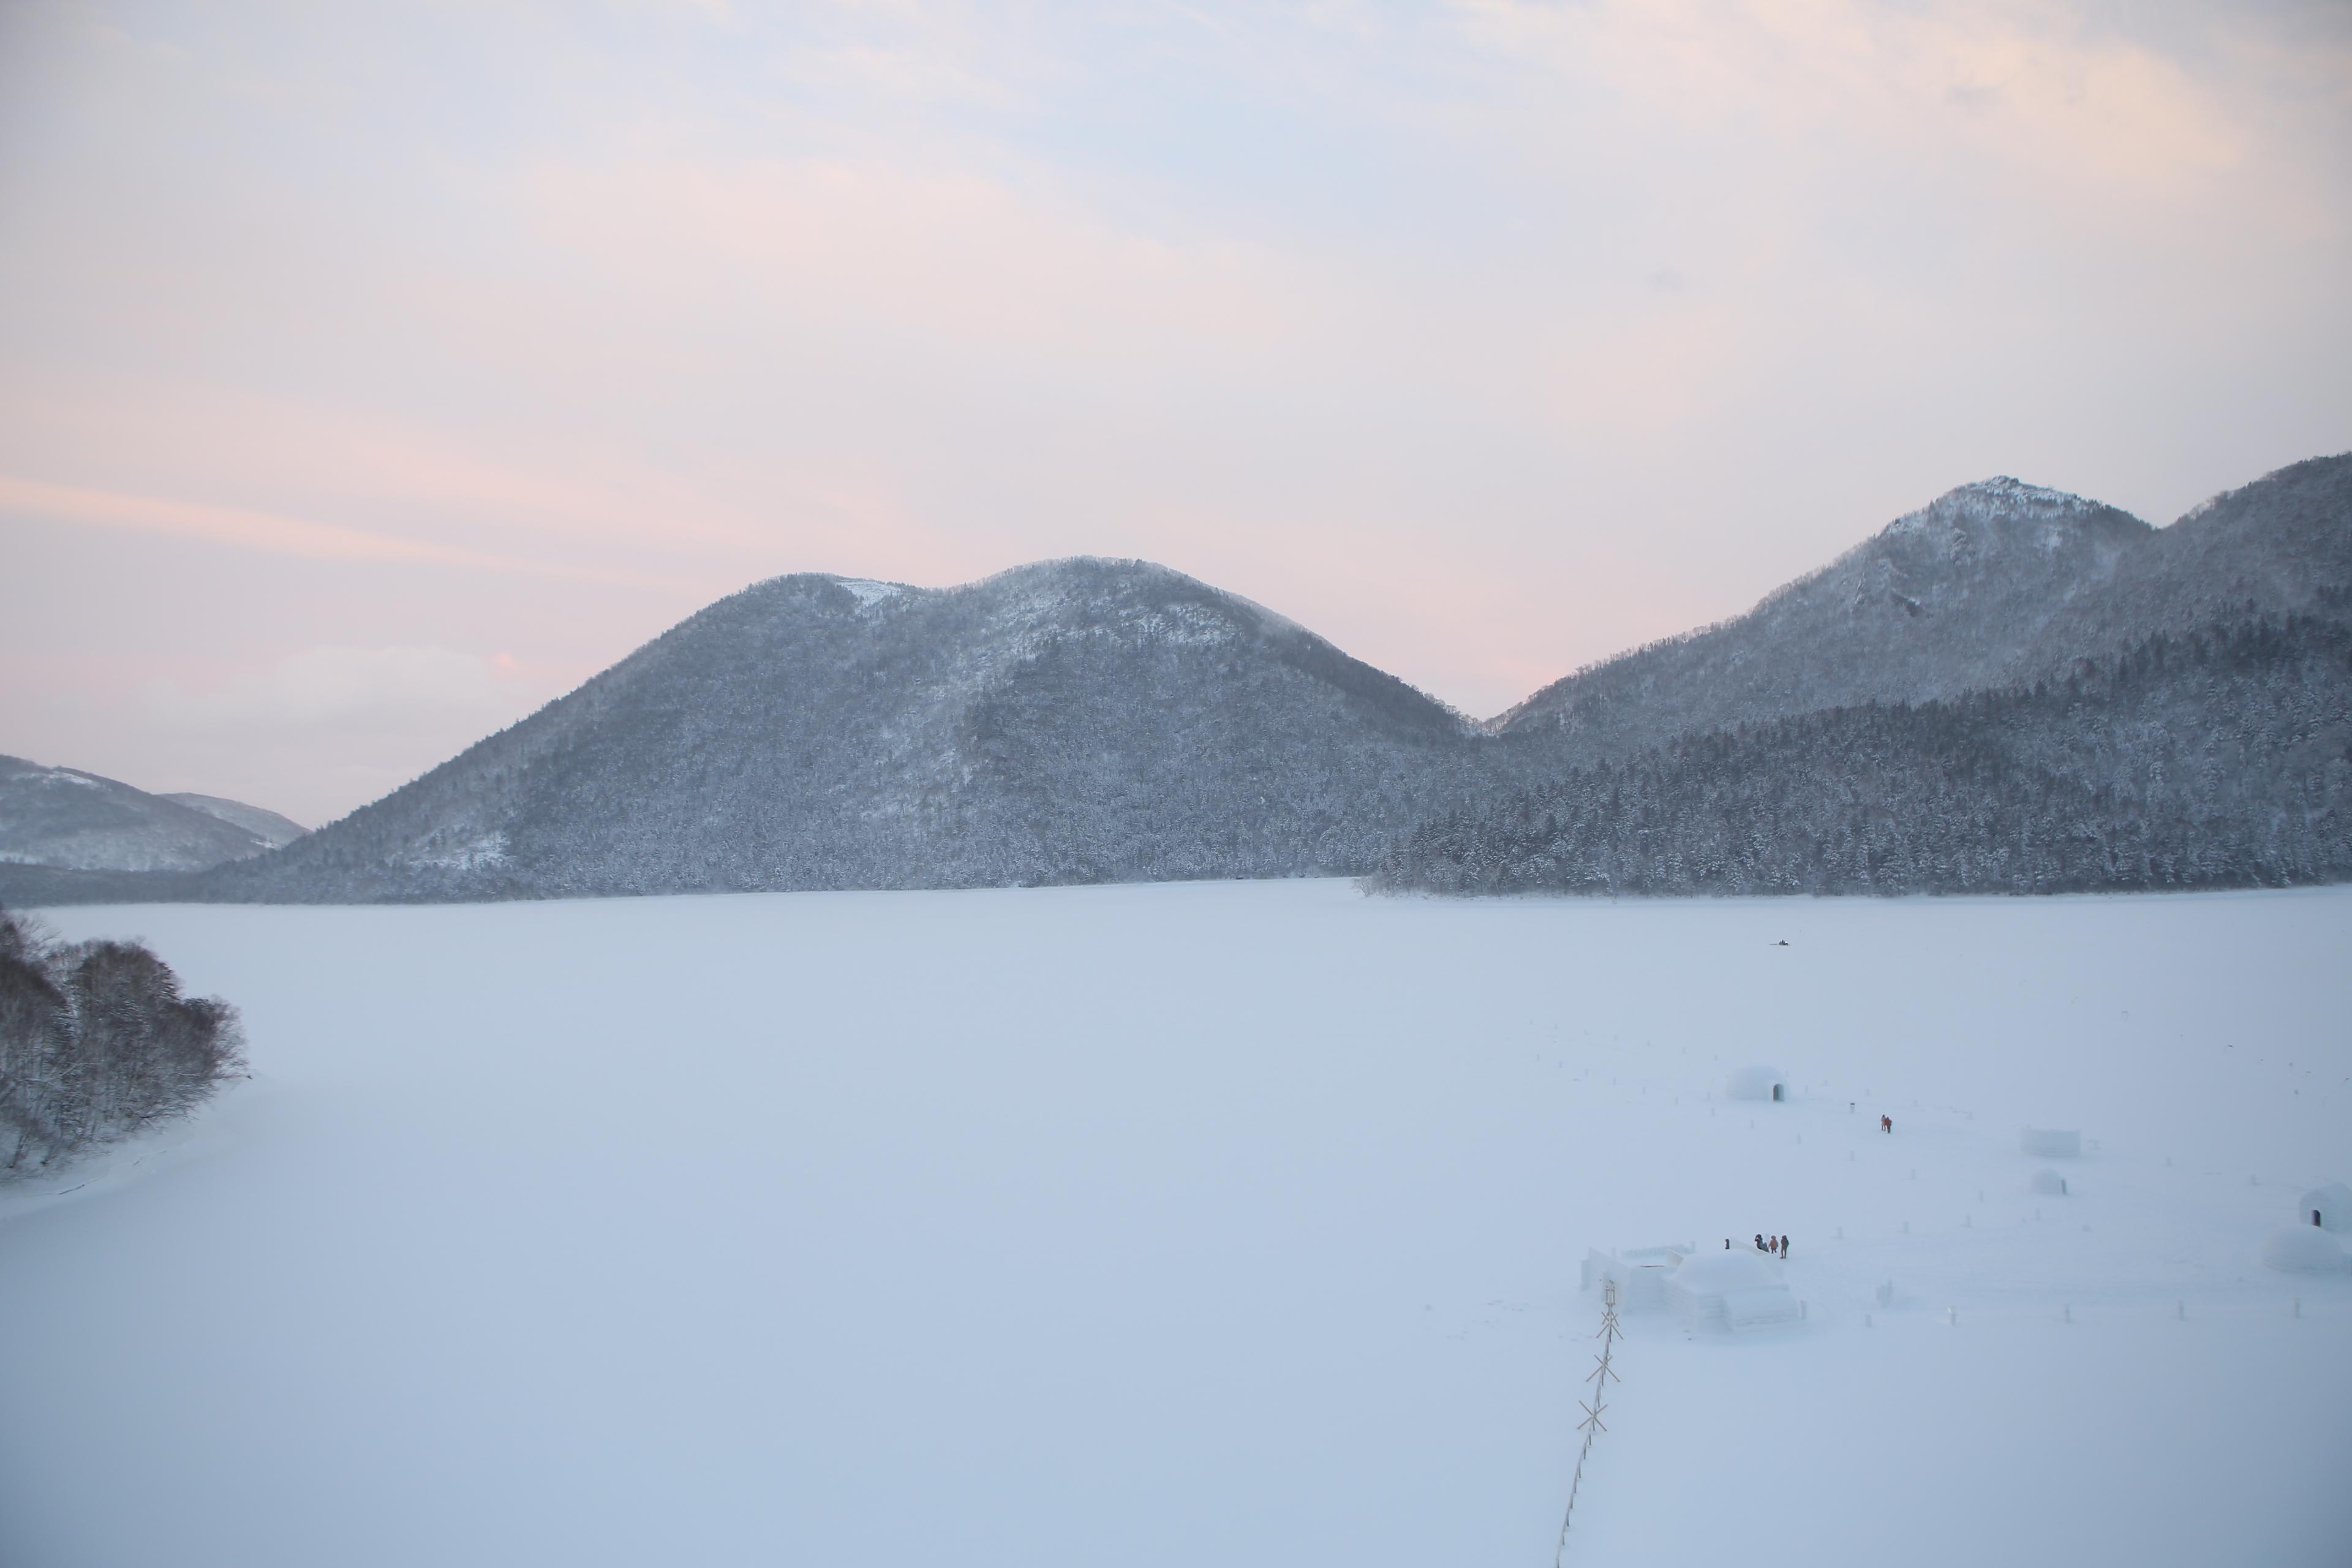 《冬旅》<br>アレンジ自在♪十勝川・然別湖畔セレクト